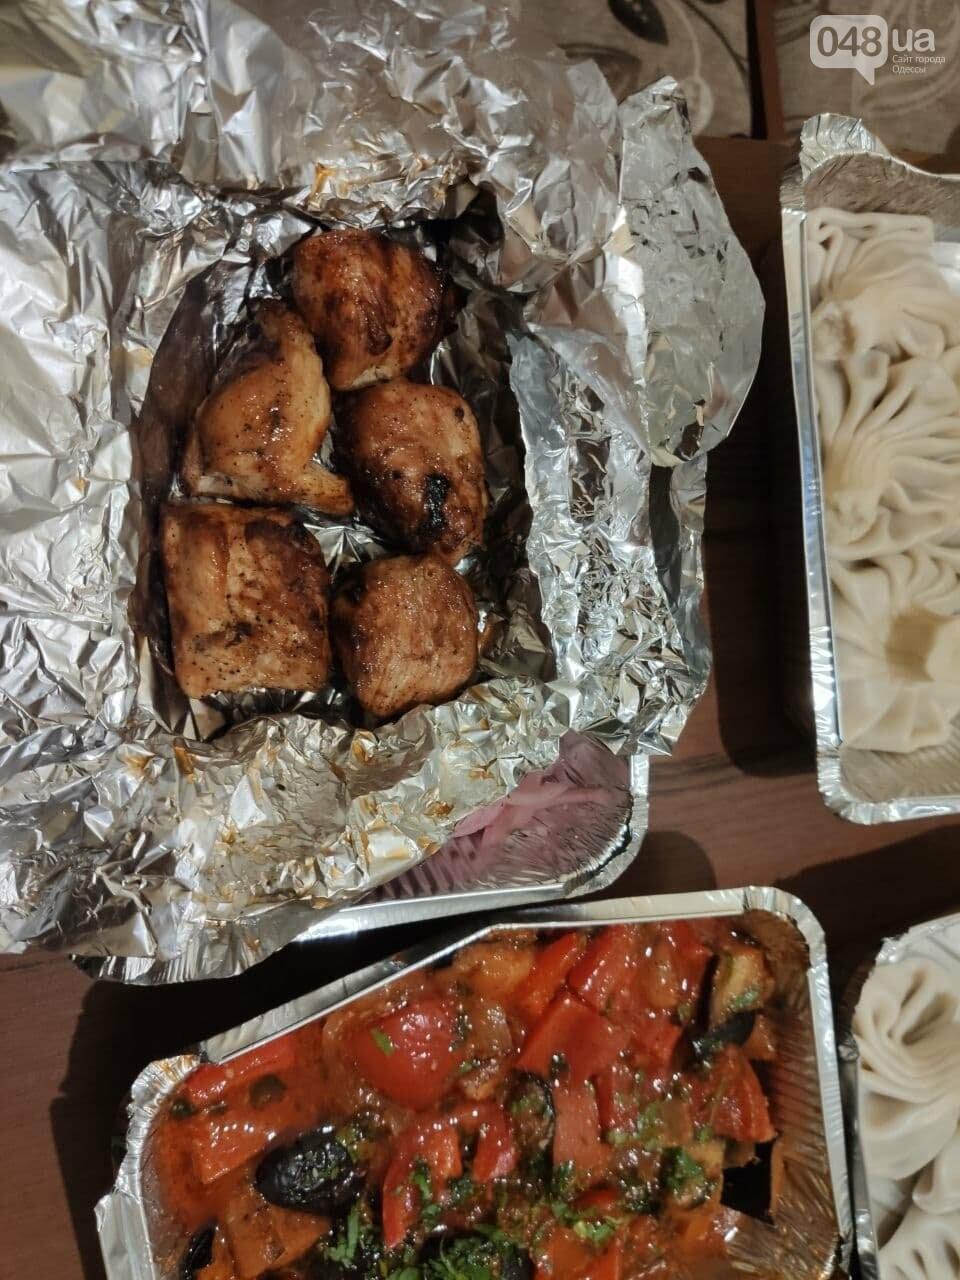 Время, качество, цена: тестируем доставку из грузинского ресторана в Одессе, - ФОТО, фото-5